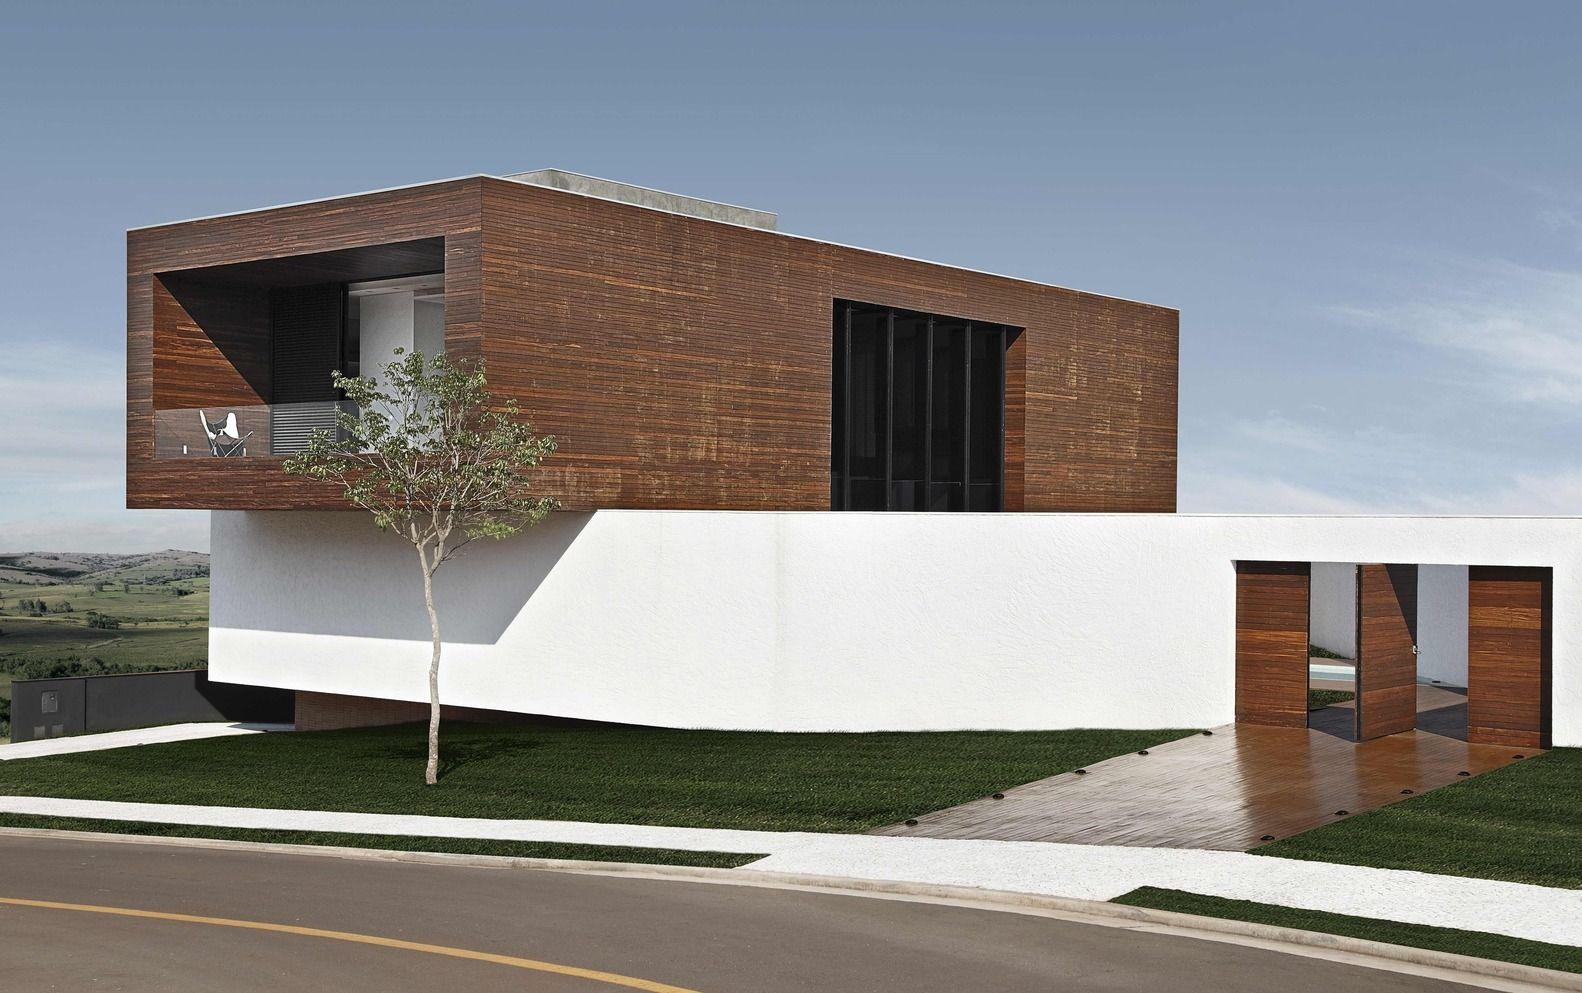 Galeria de Casa LA / Studio Guilherme Torres - 7 | Traumhäuser